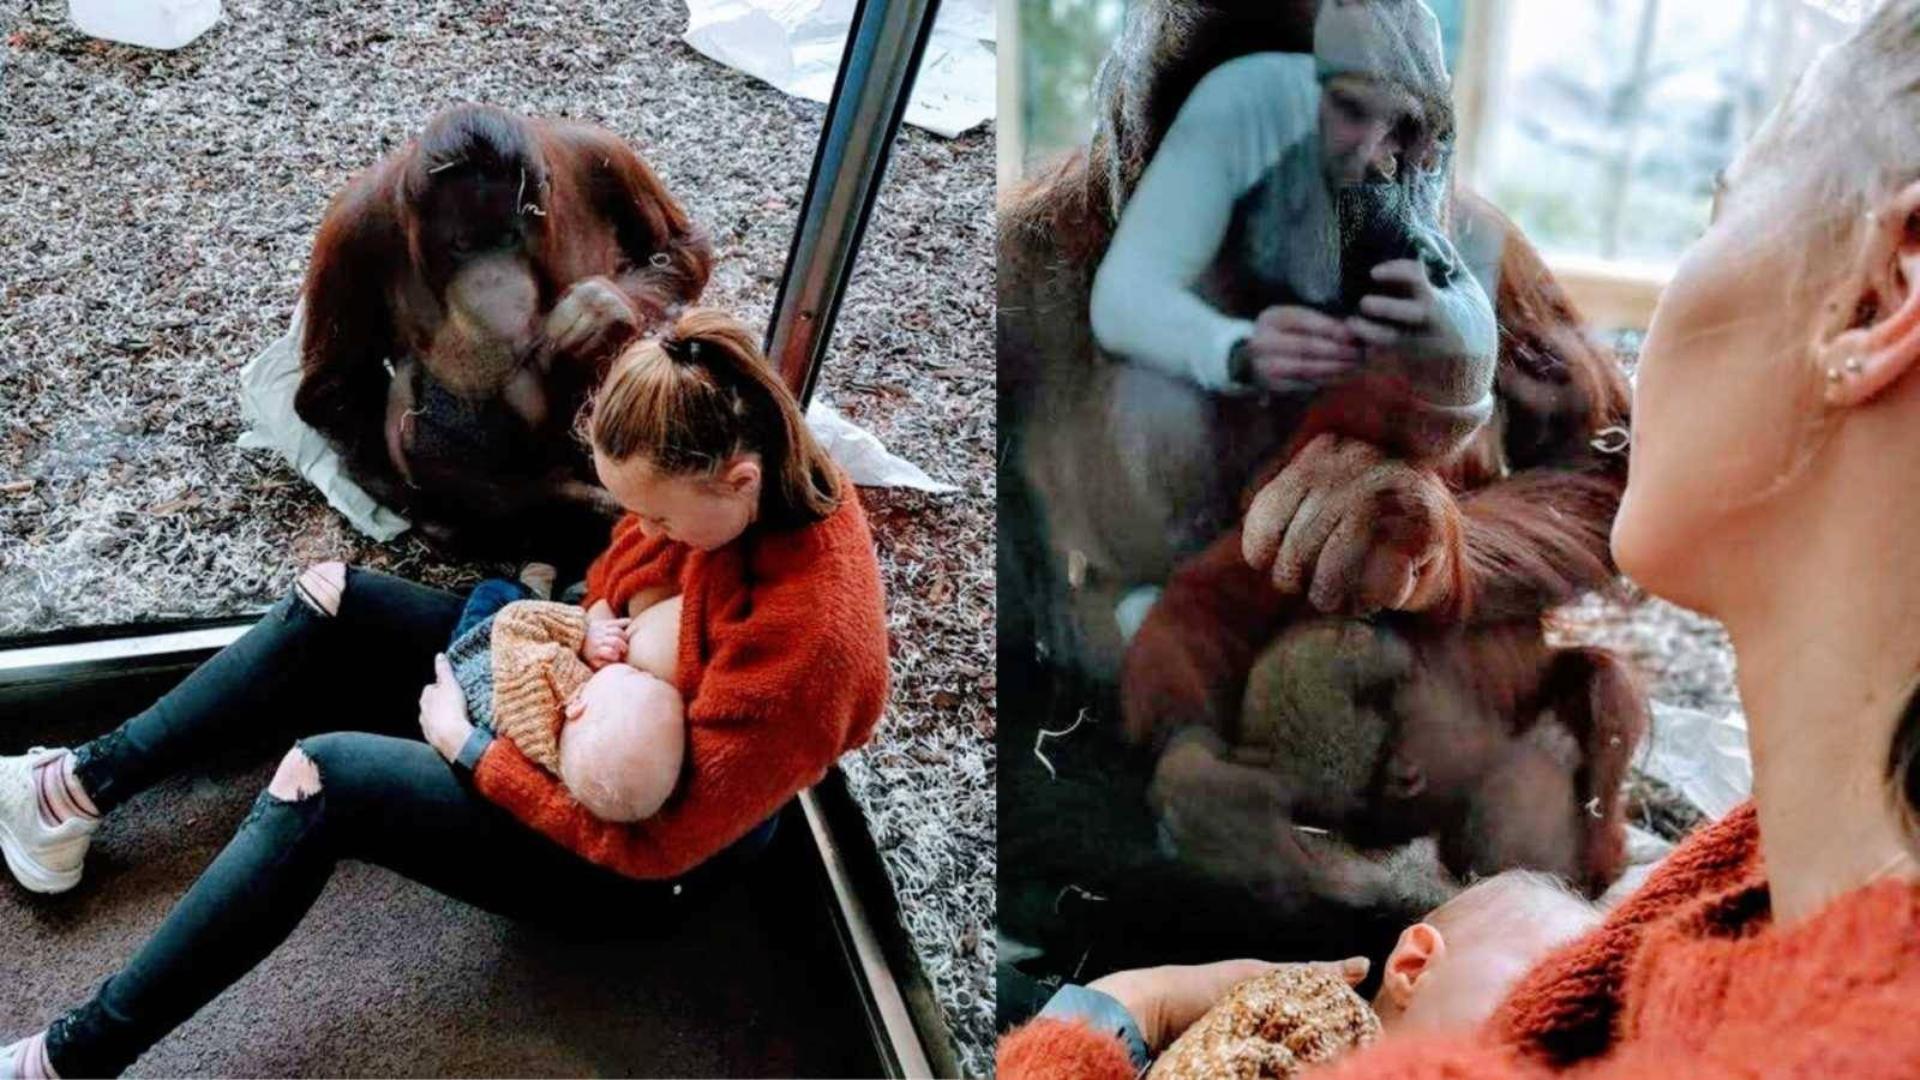 猩猩盯着人类母亲哺乳 知道真相后令人心疼